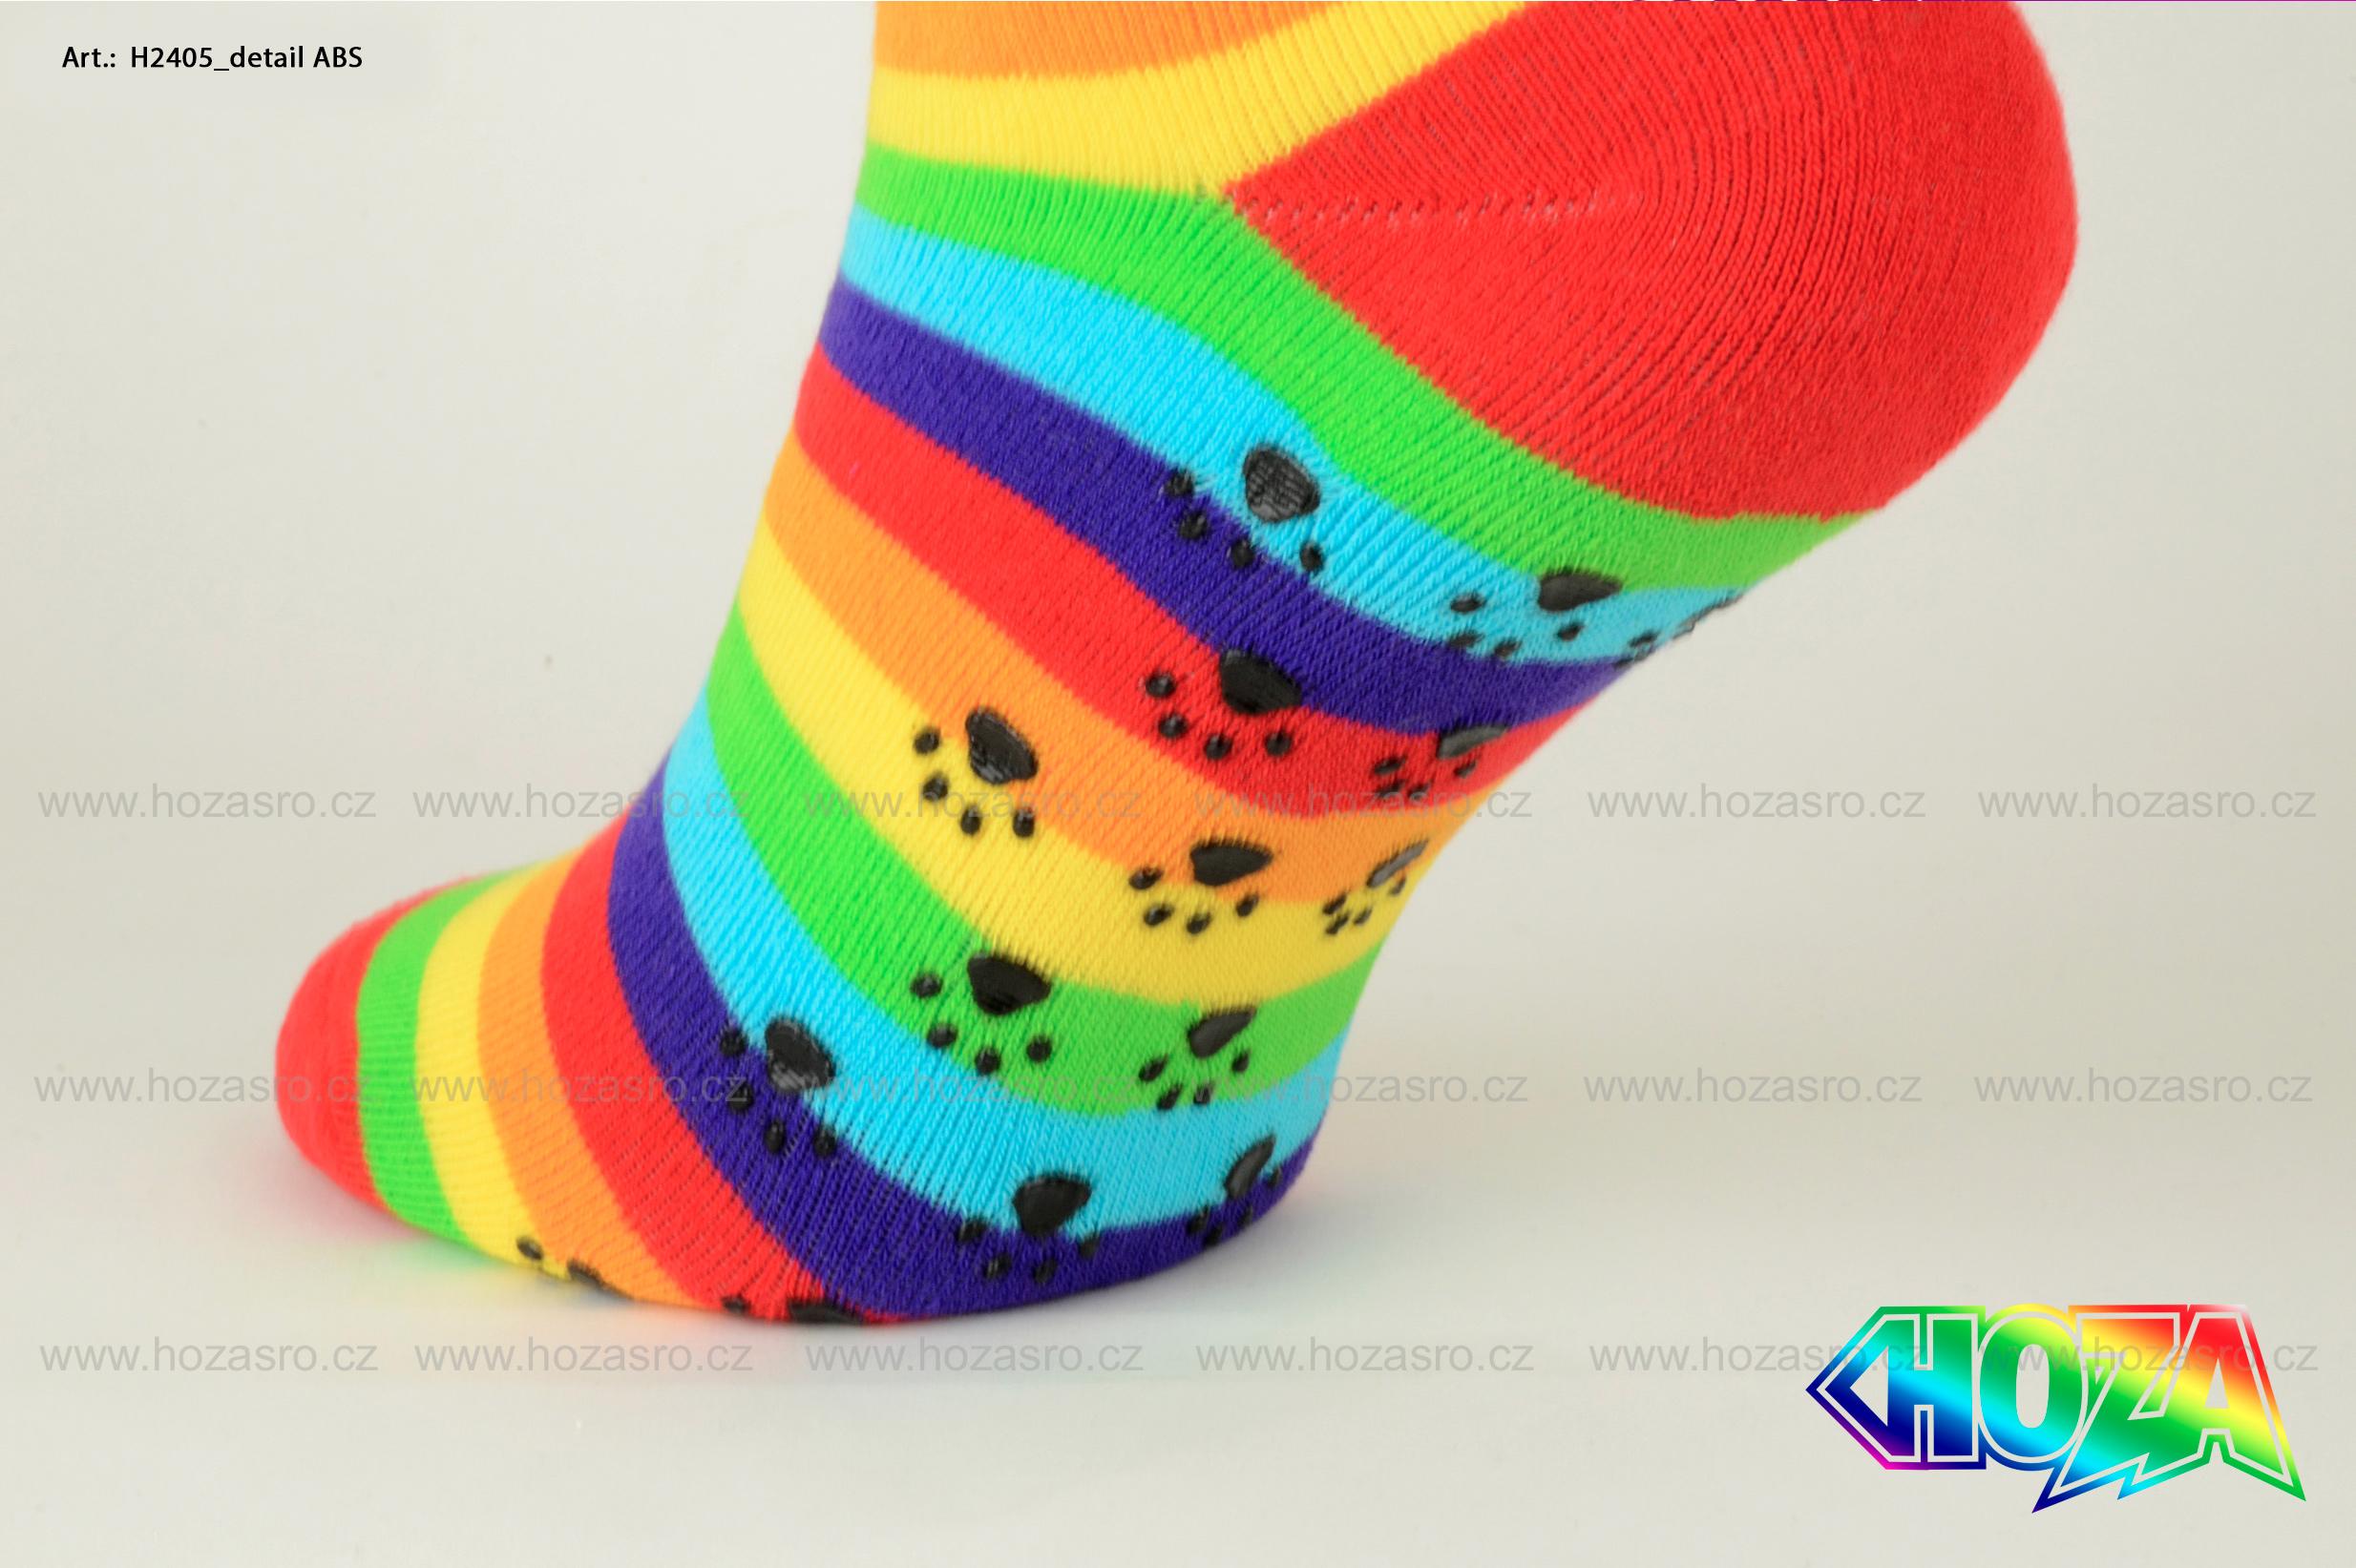 Ponožky pro dospělé » Ponožky zimní - a318587765